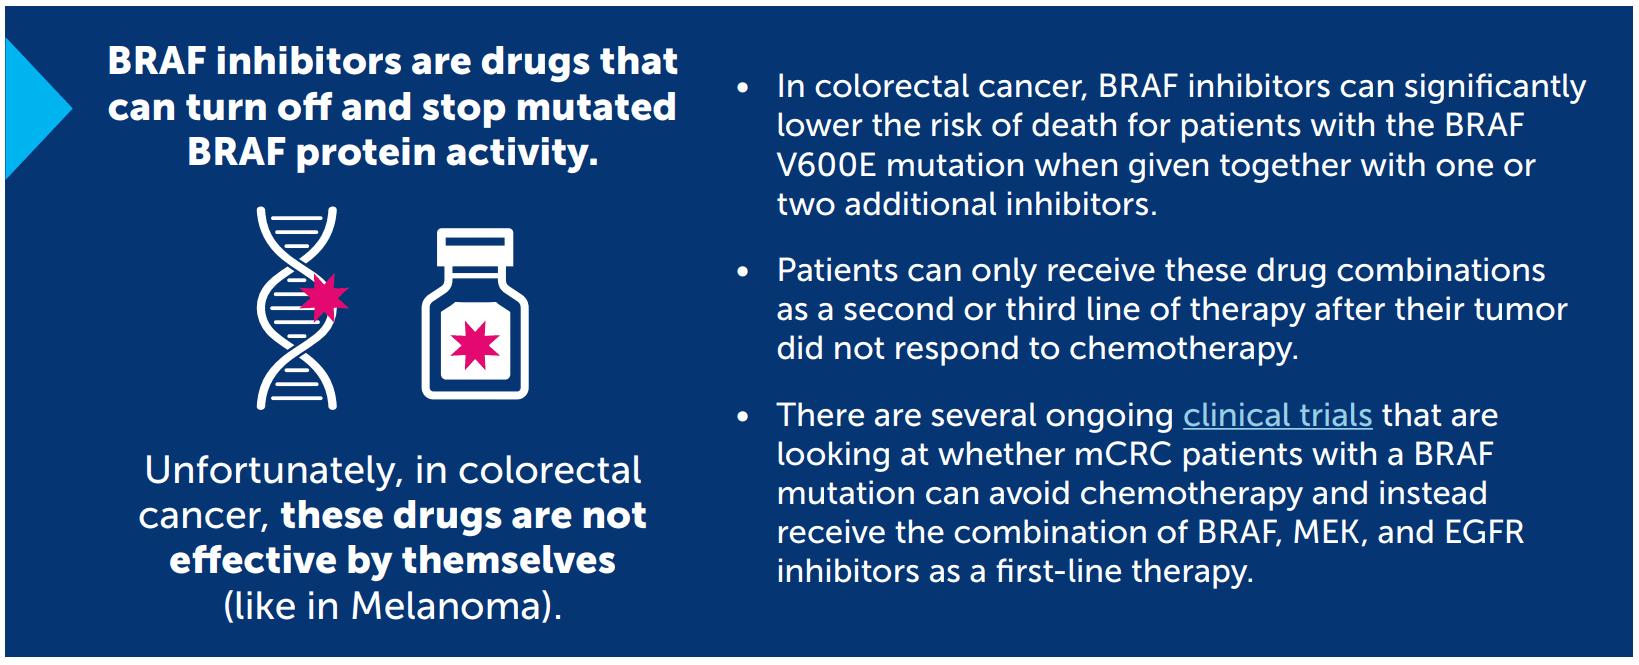 Braf Biomarker Colorectal Cancer Alliance